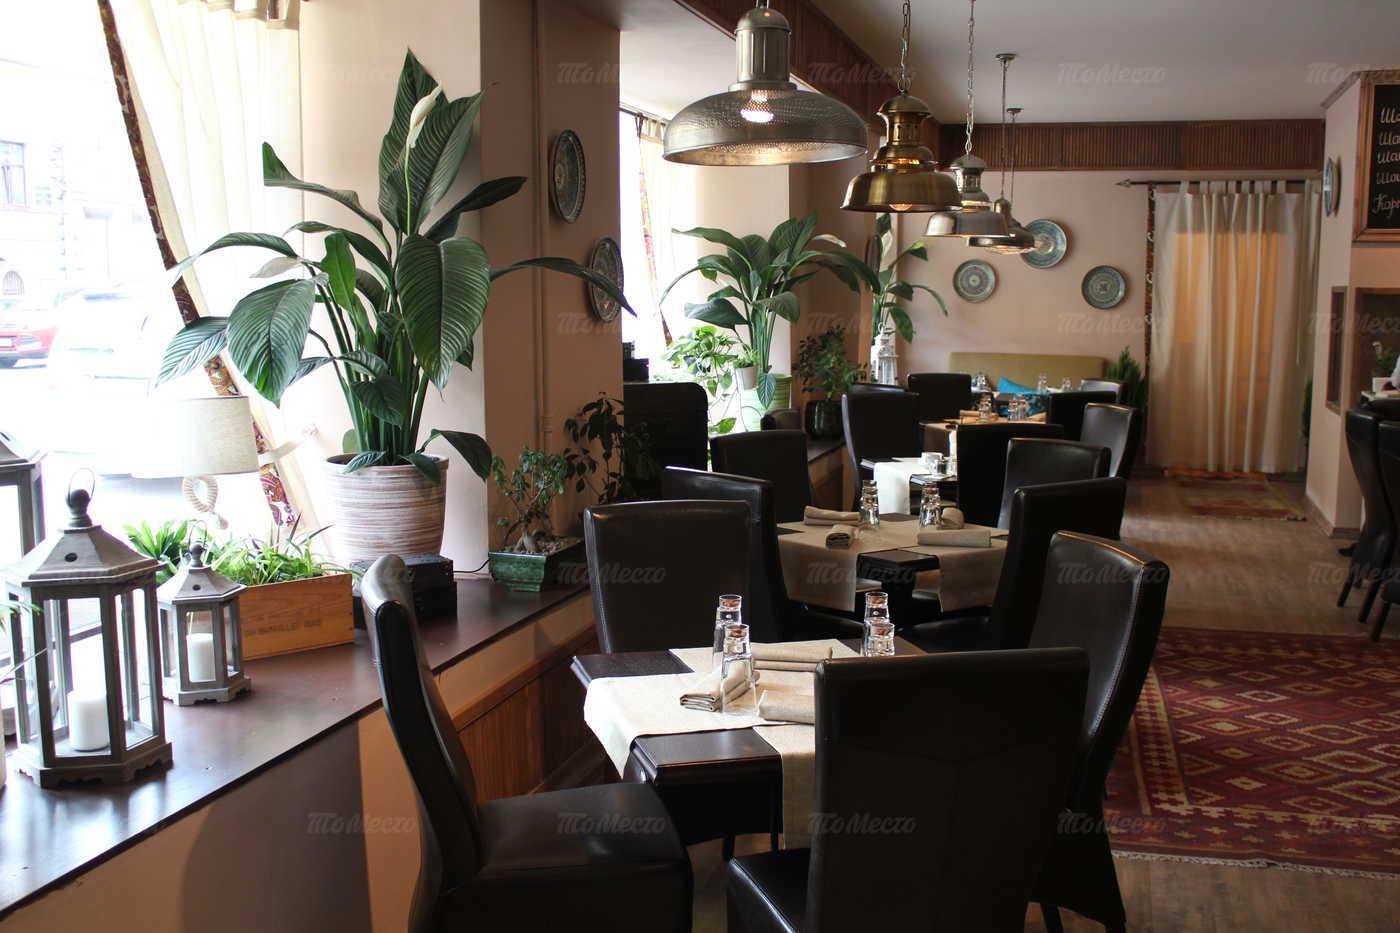 Меню бара, кафе, ресторана Миндаль (бывш. Охотничья изба) на Лермонтовском проспекте